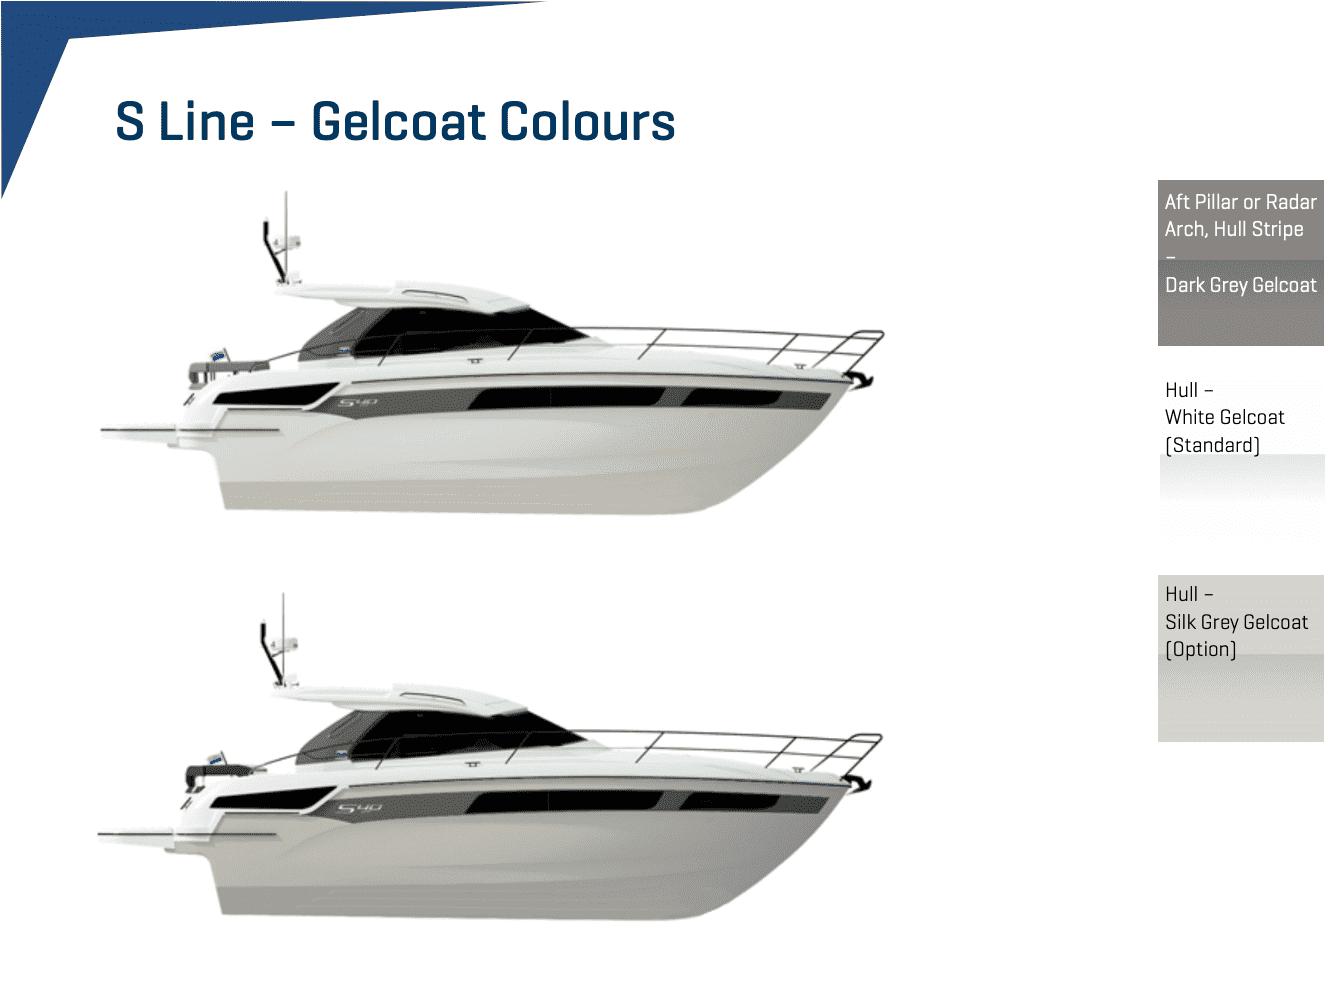 S-Line gelcoat